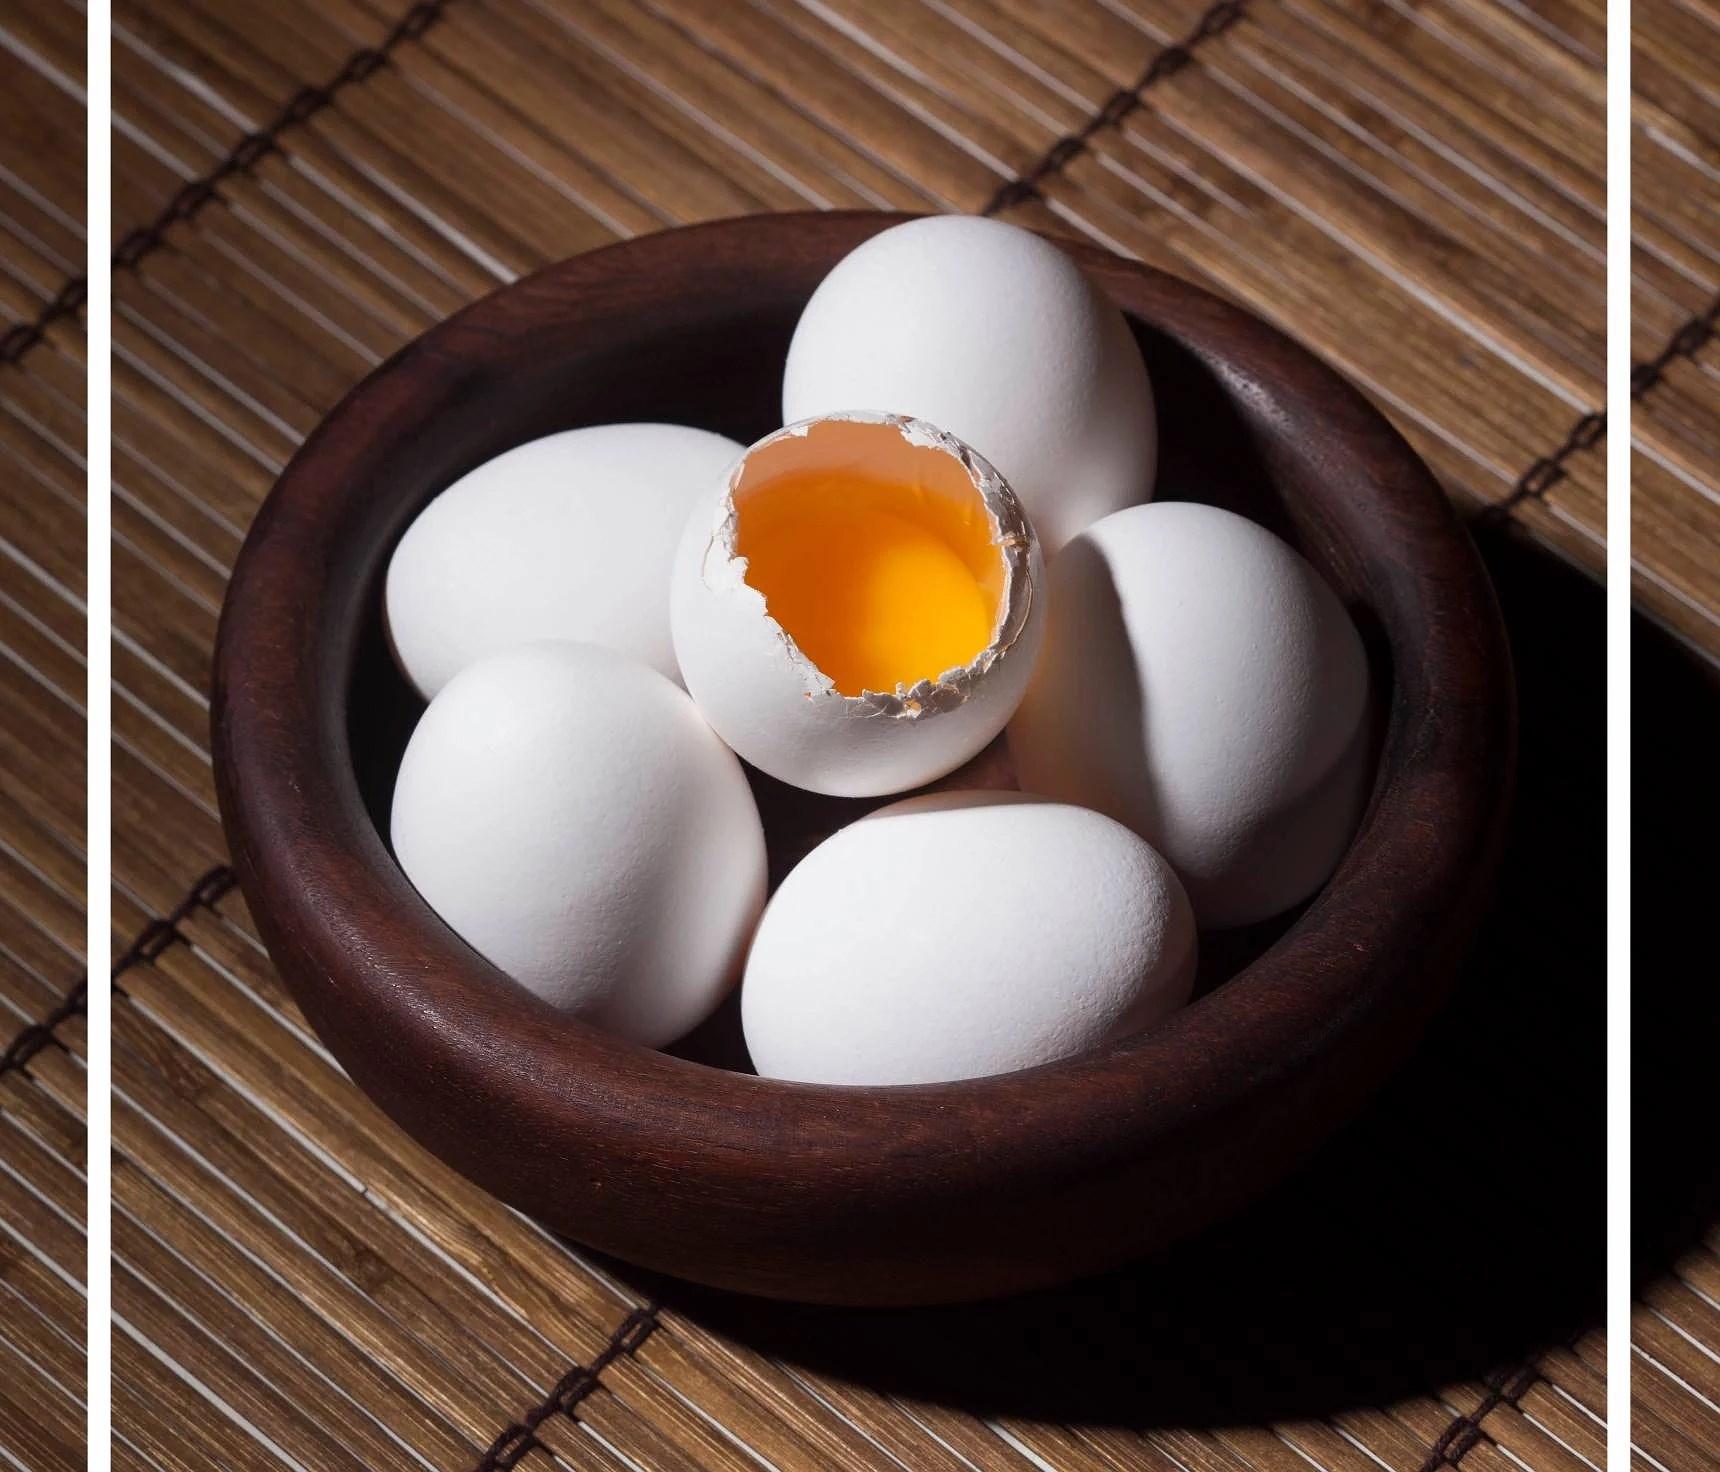 Är ägg (o)nyttigt?